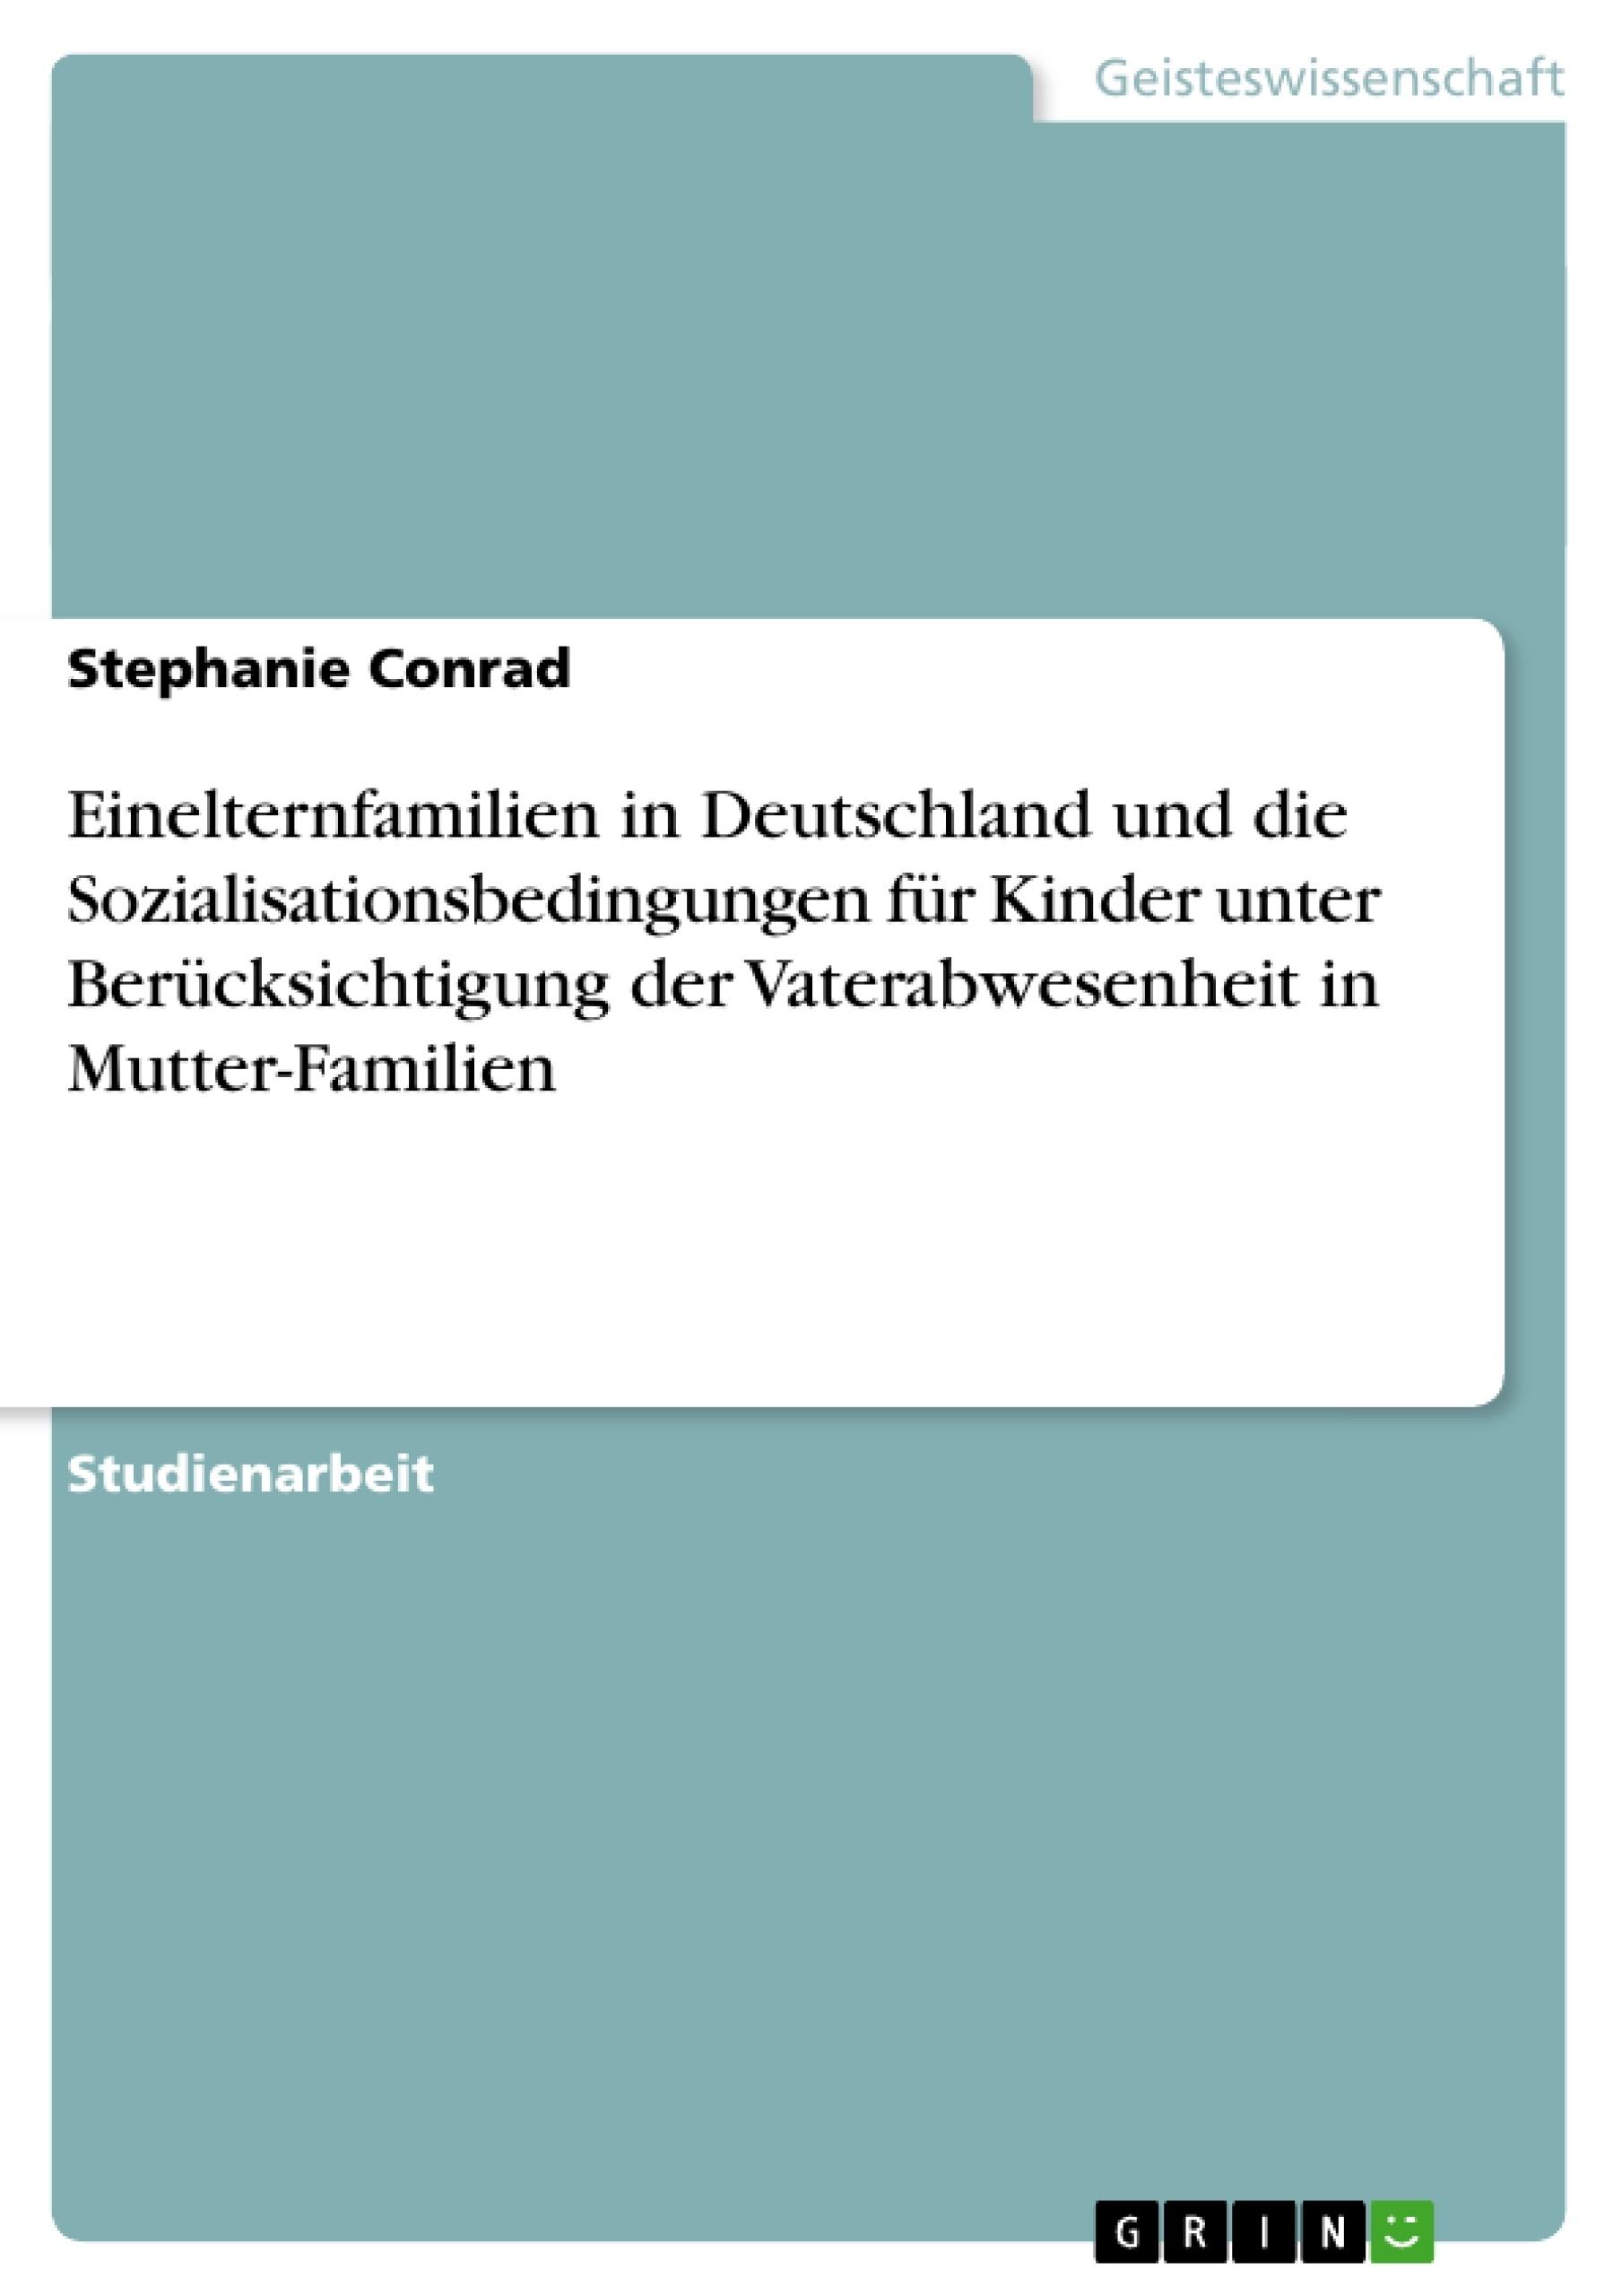 Titel: Einelternfamilien in Deutschland und die Sozialisationsbedingungen für Kinder unter Berücksichtigung der Vaterabwesenheit in Mutter-Familien